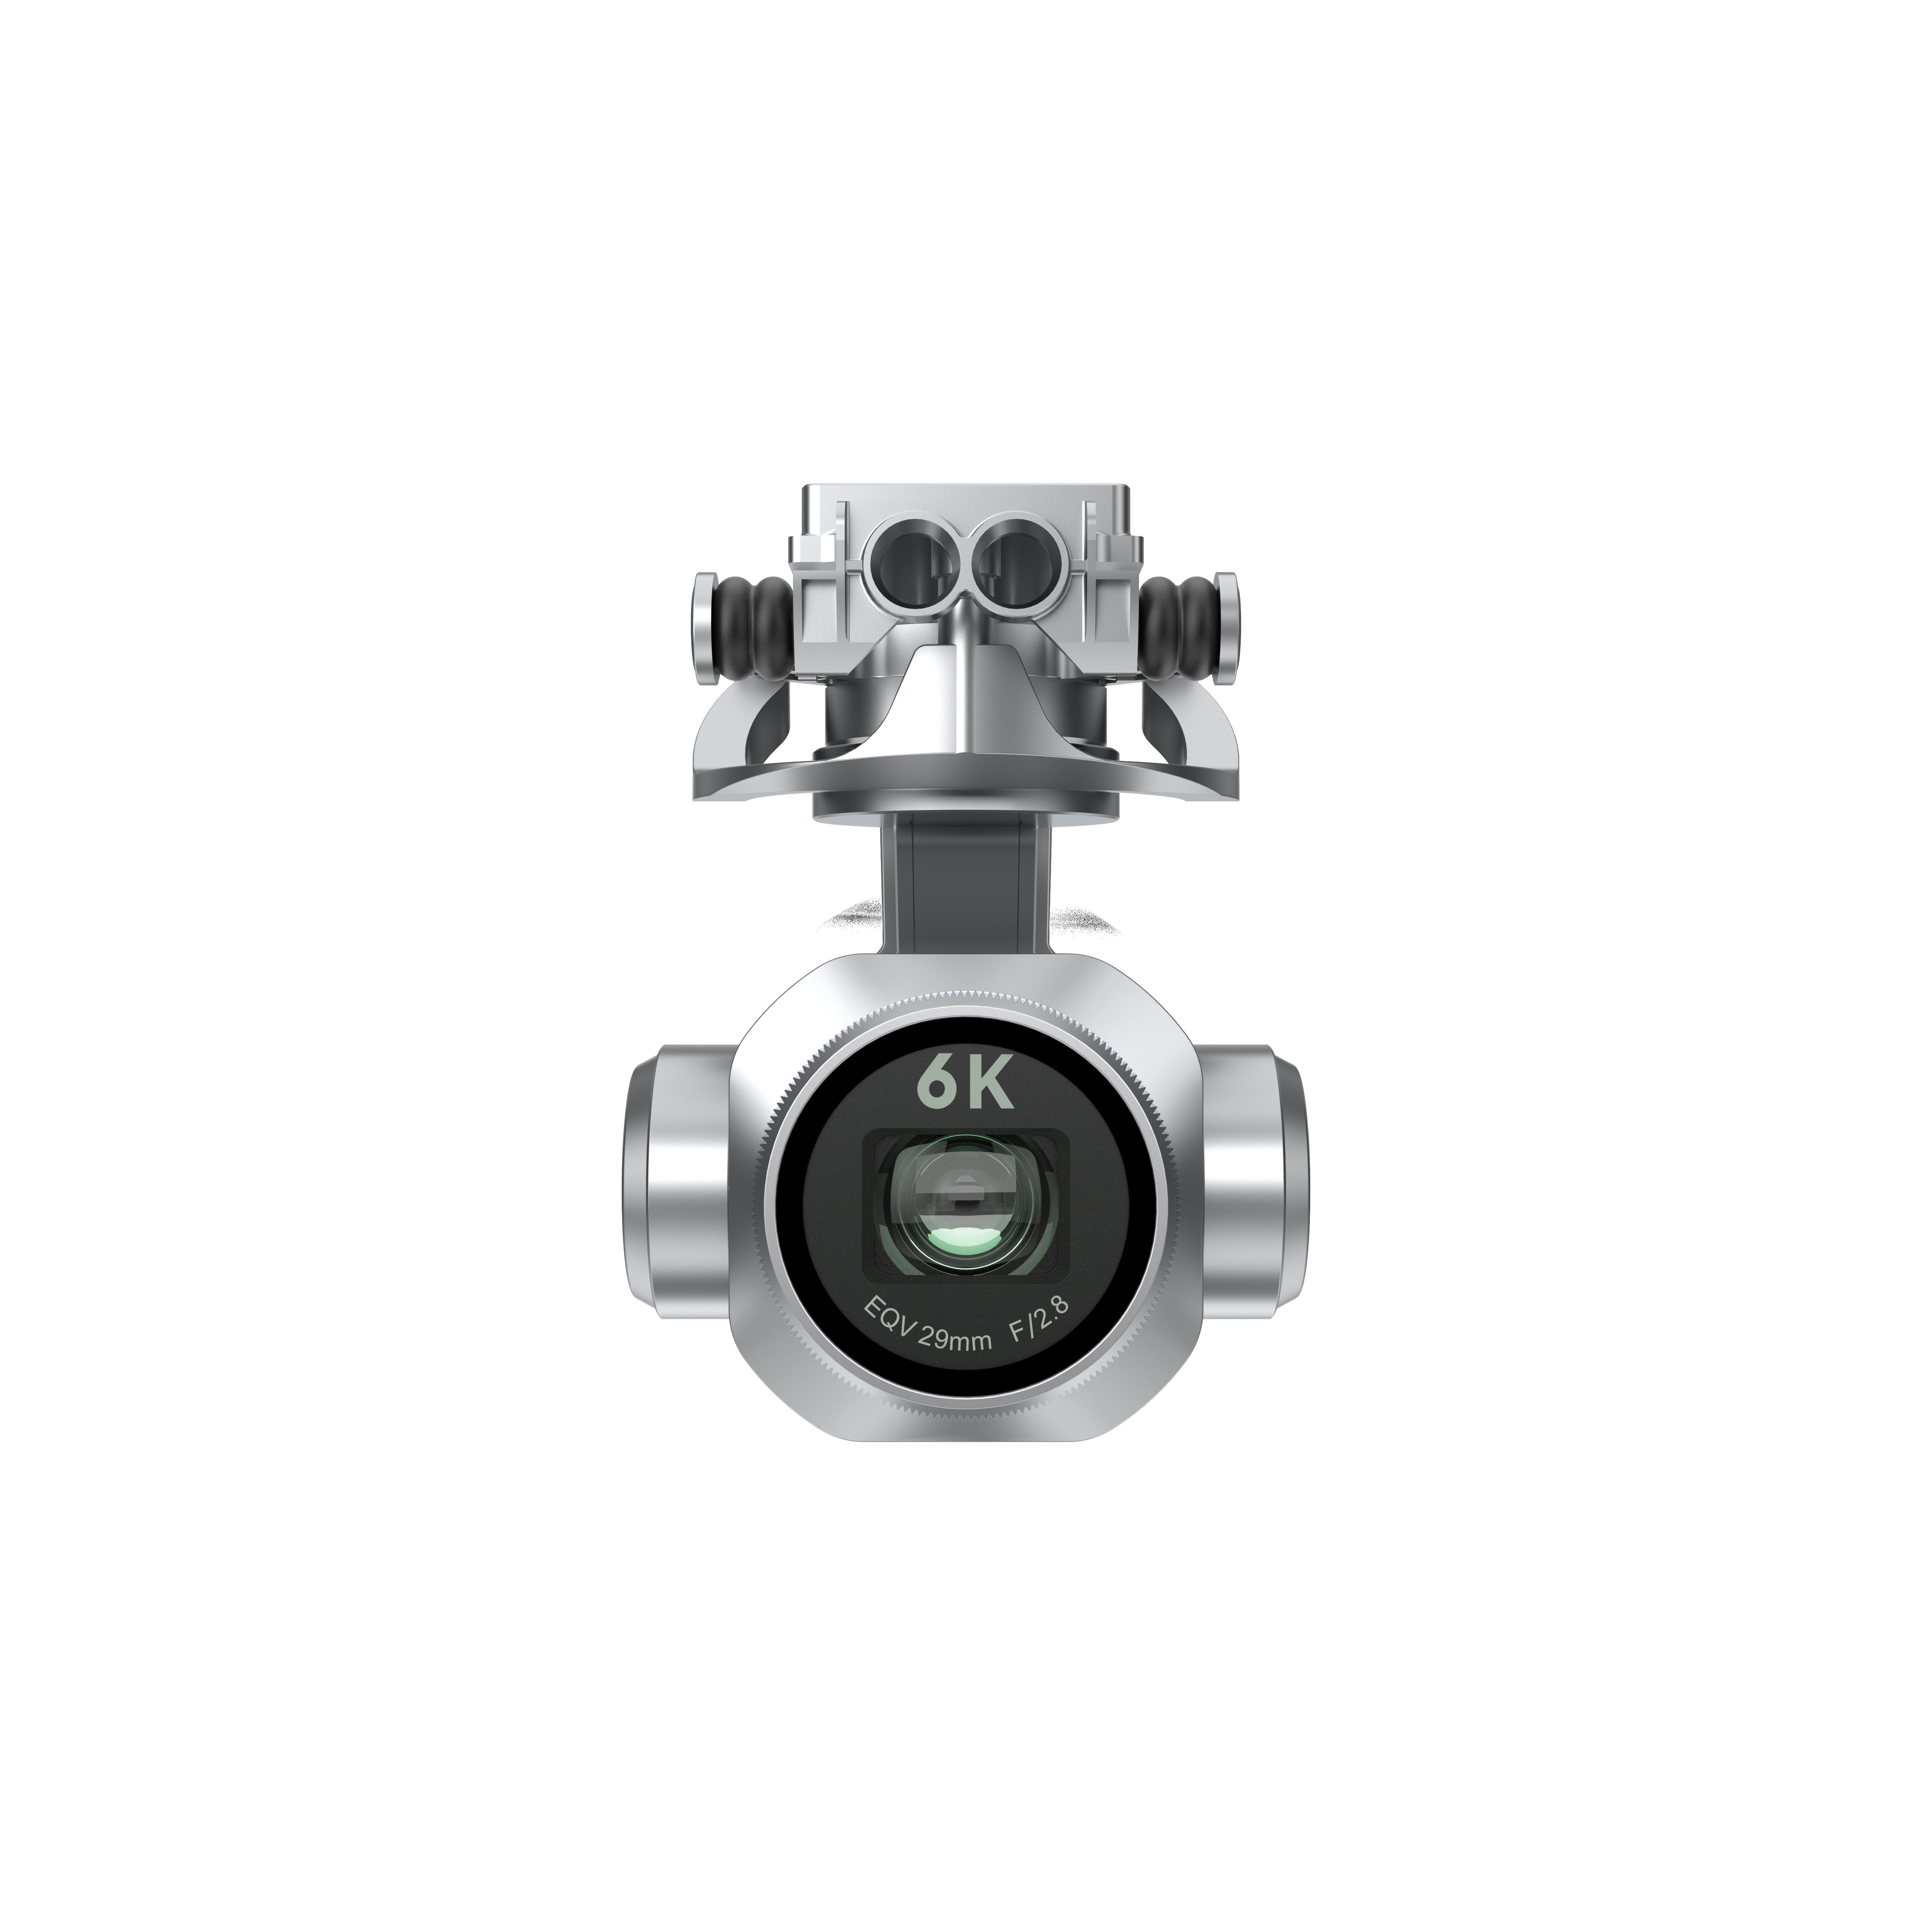 EVO 2 Pro kamera gimbal